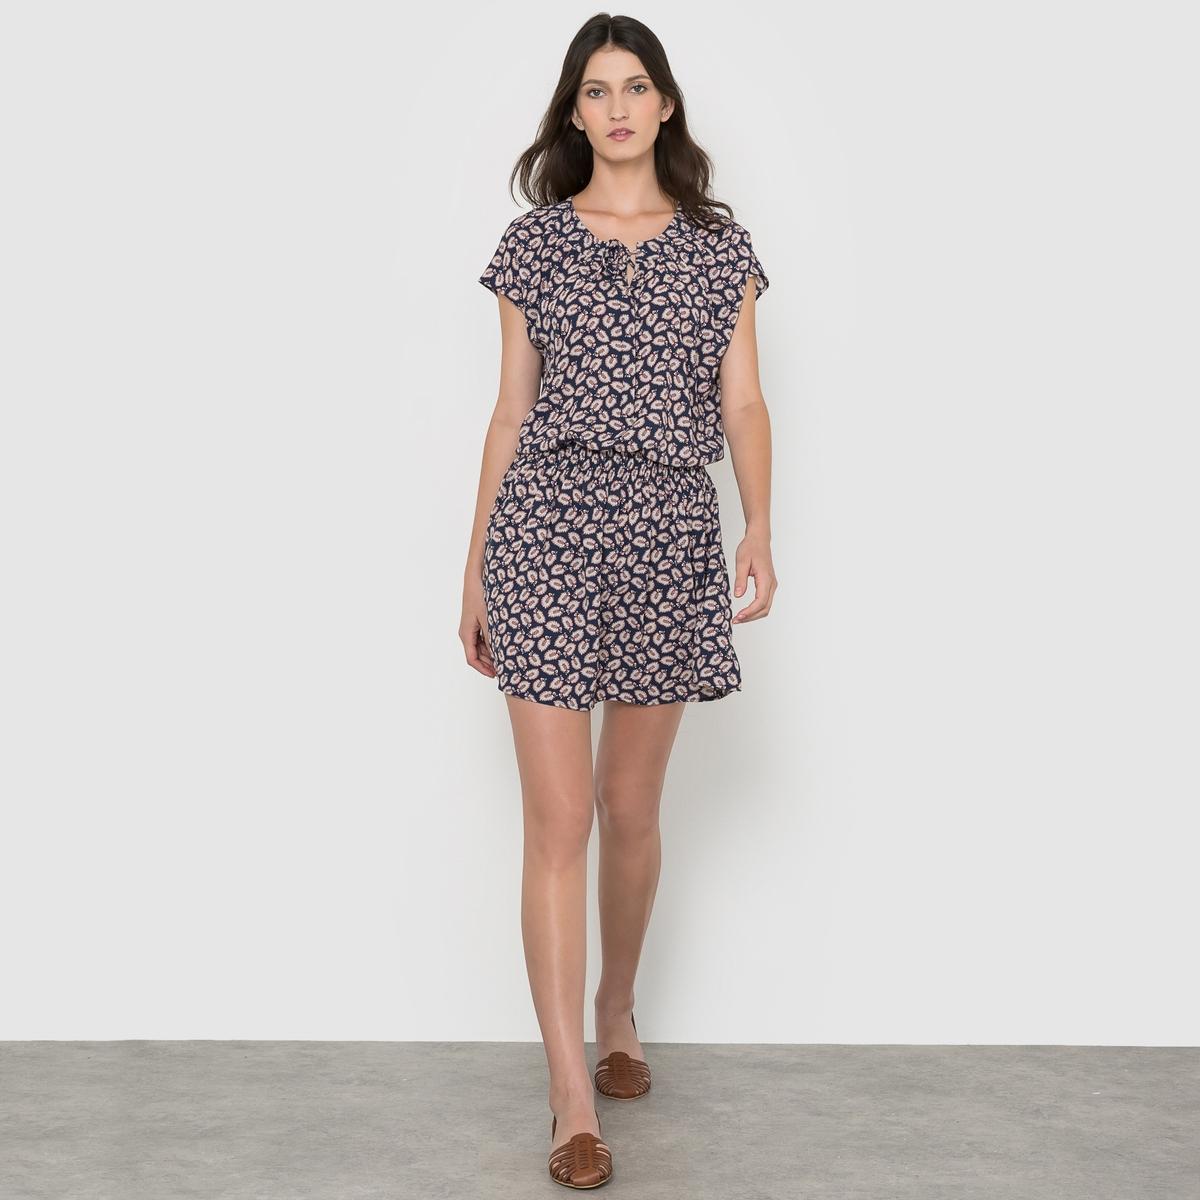 Bedrukte jurk met korte mouwen